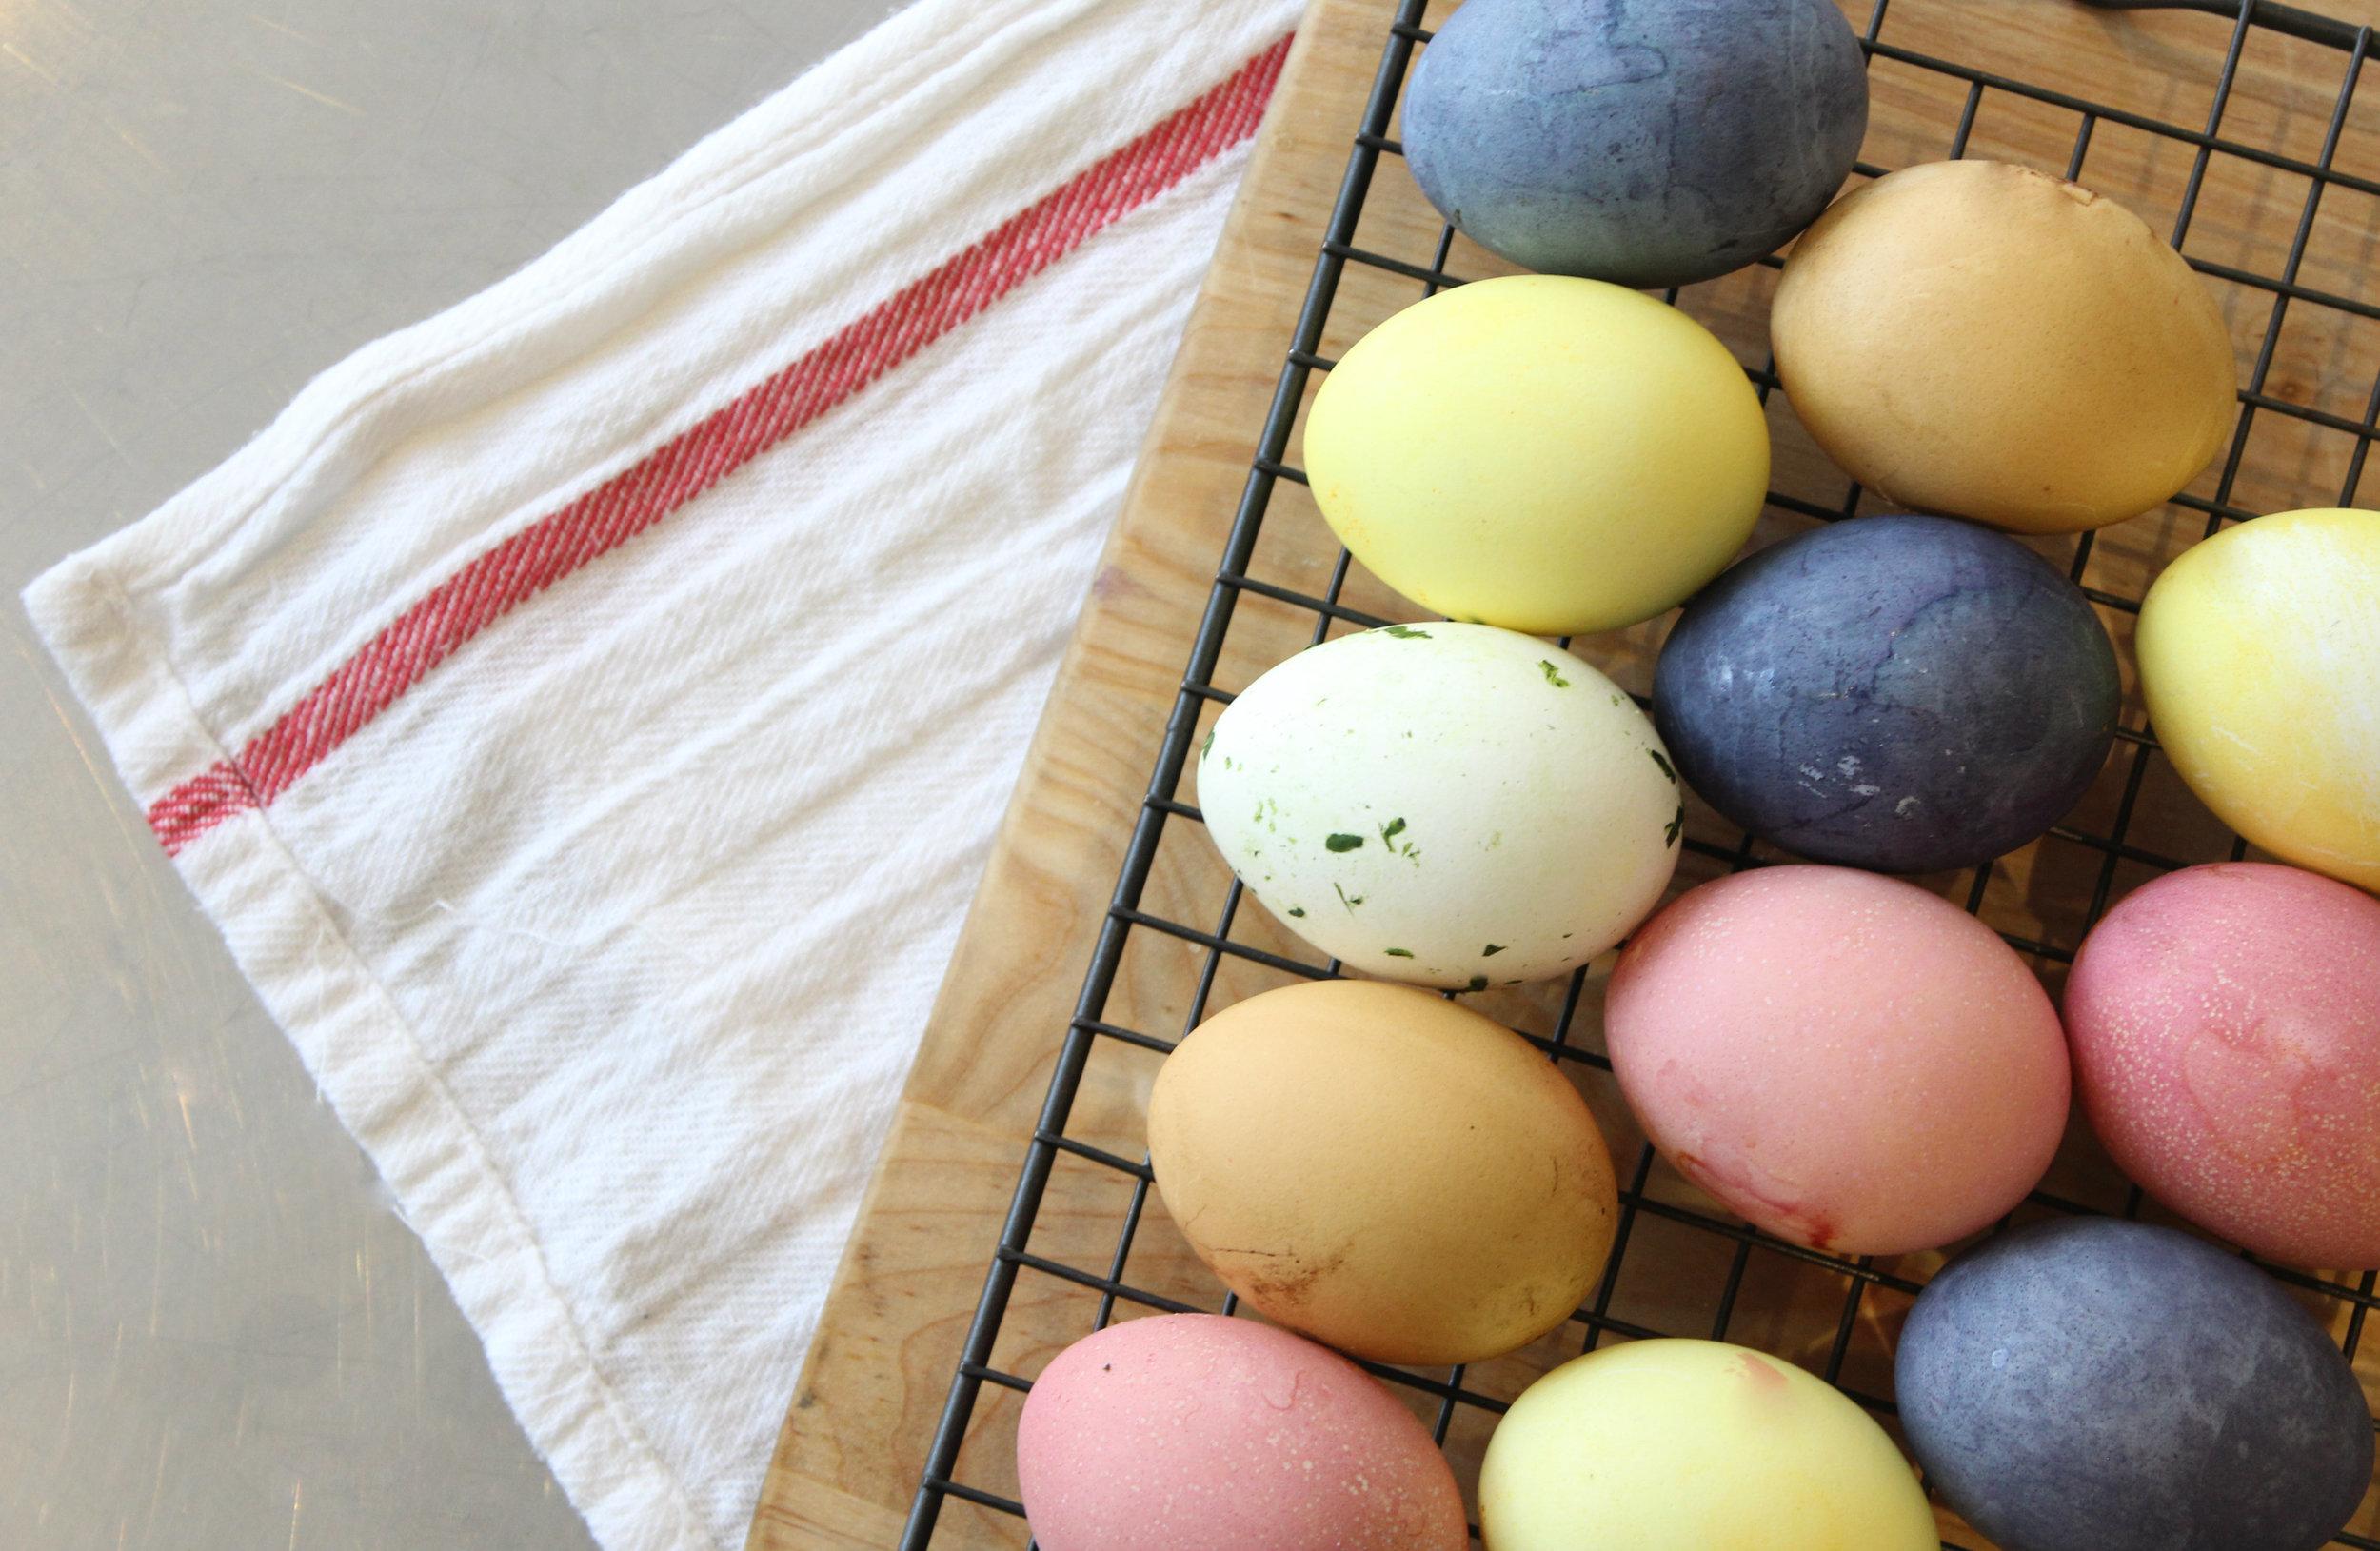 eggs9.jpg